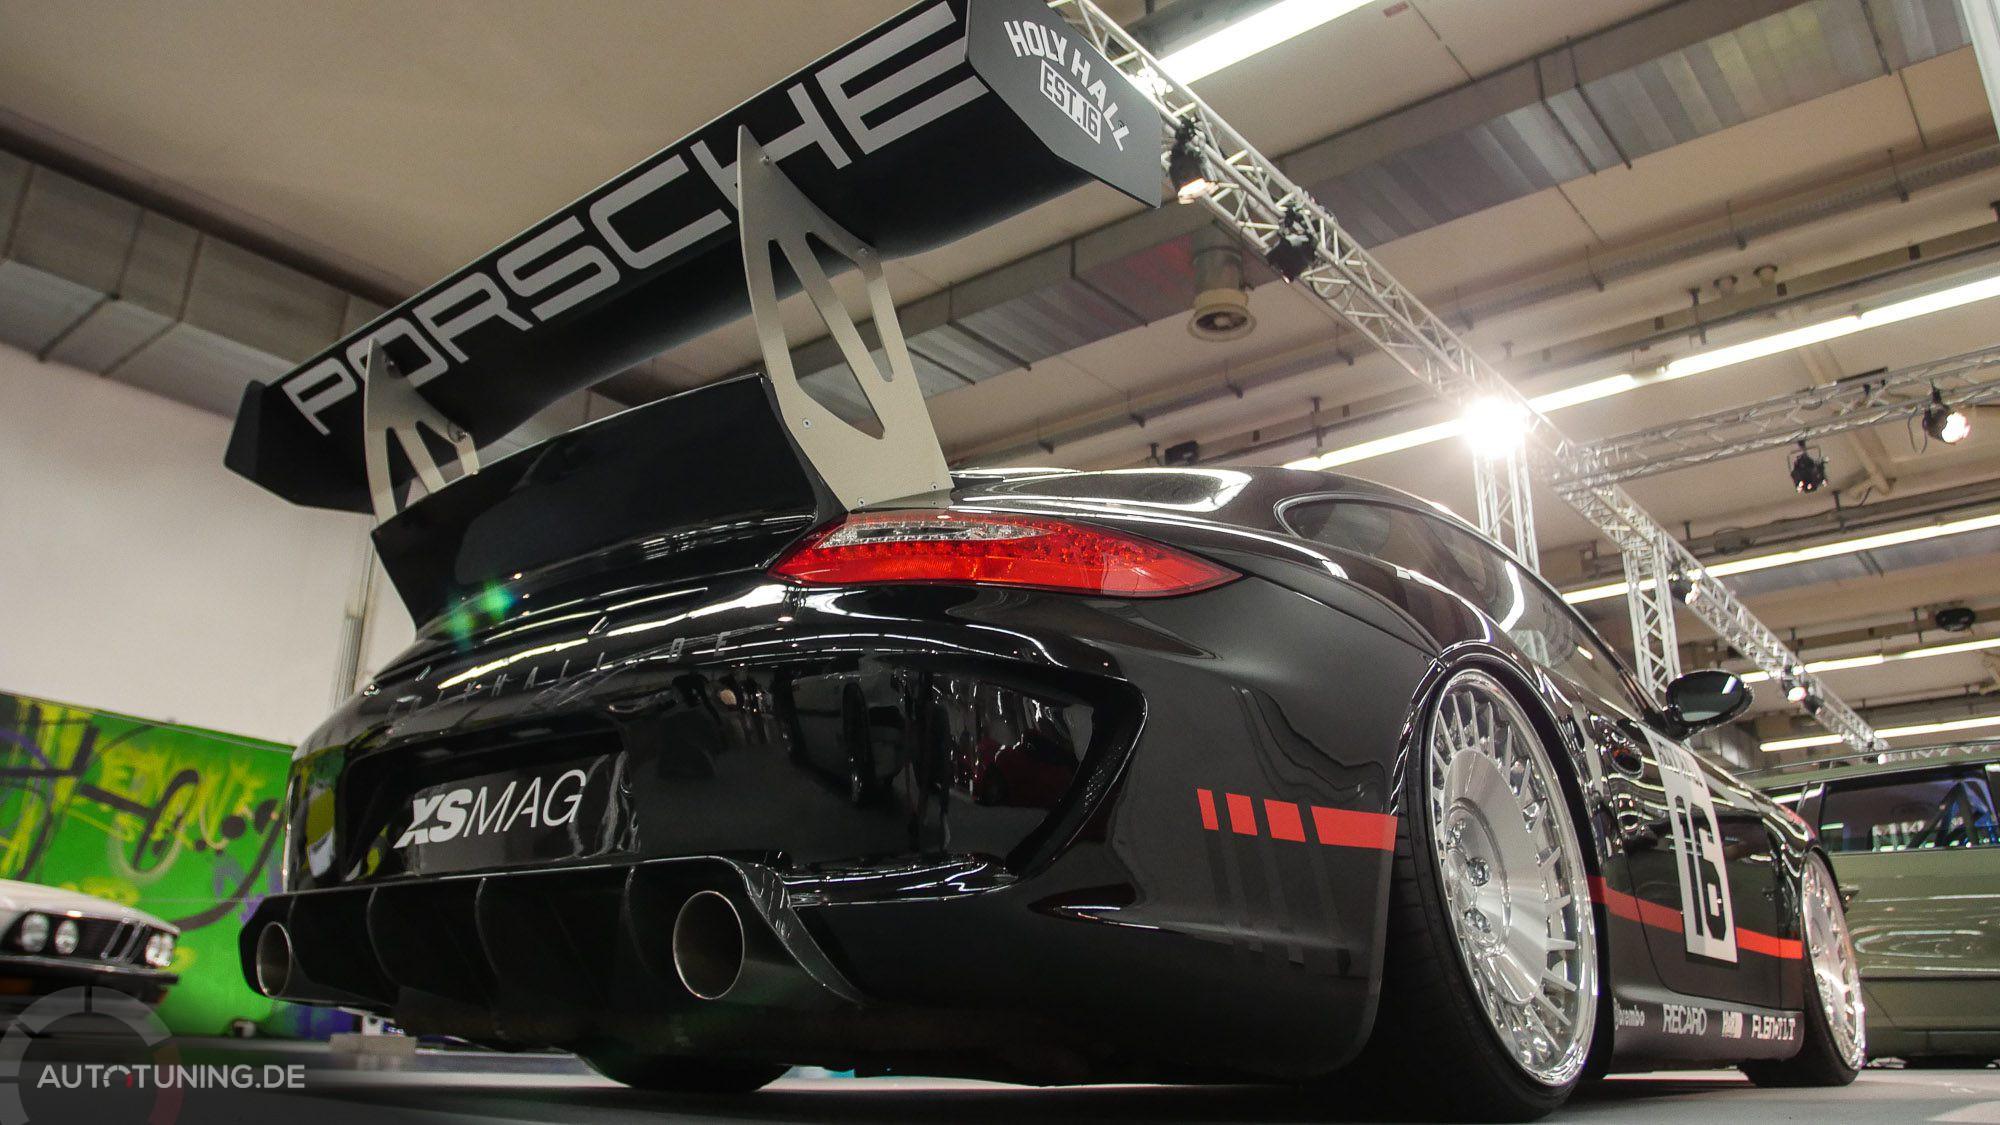 Tiefergelegter Porsche in schwarz mit großem Heckflügel